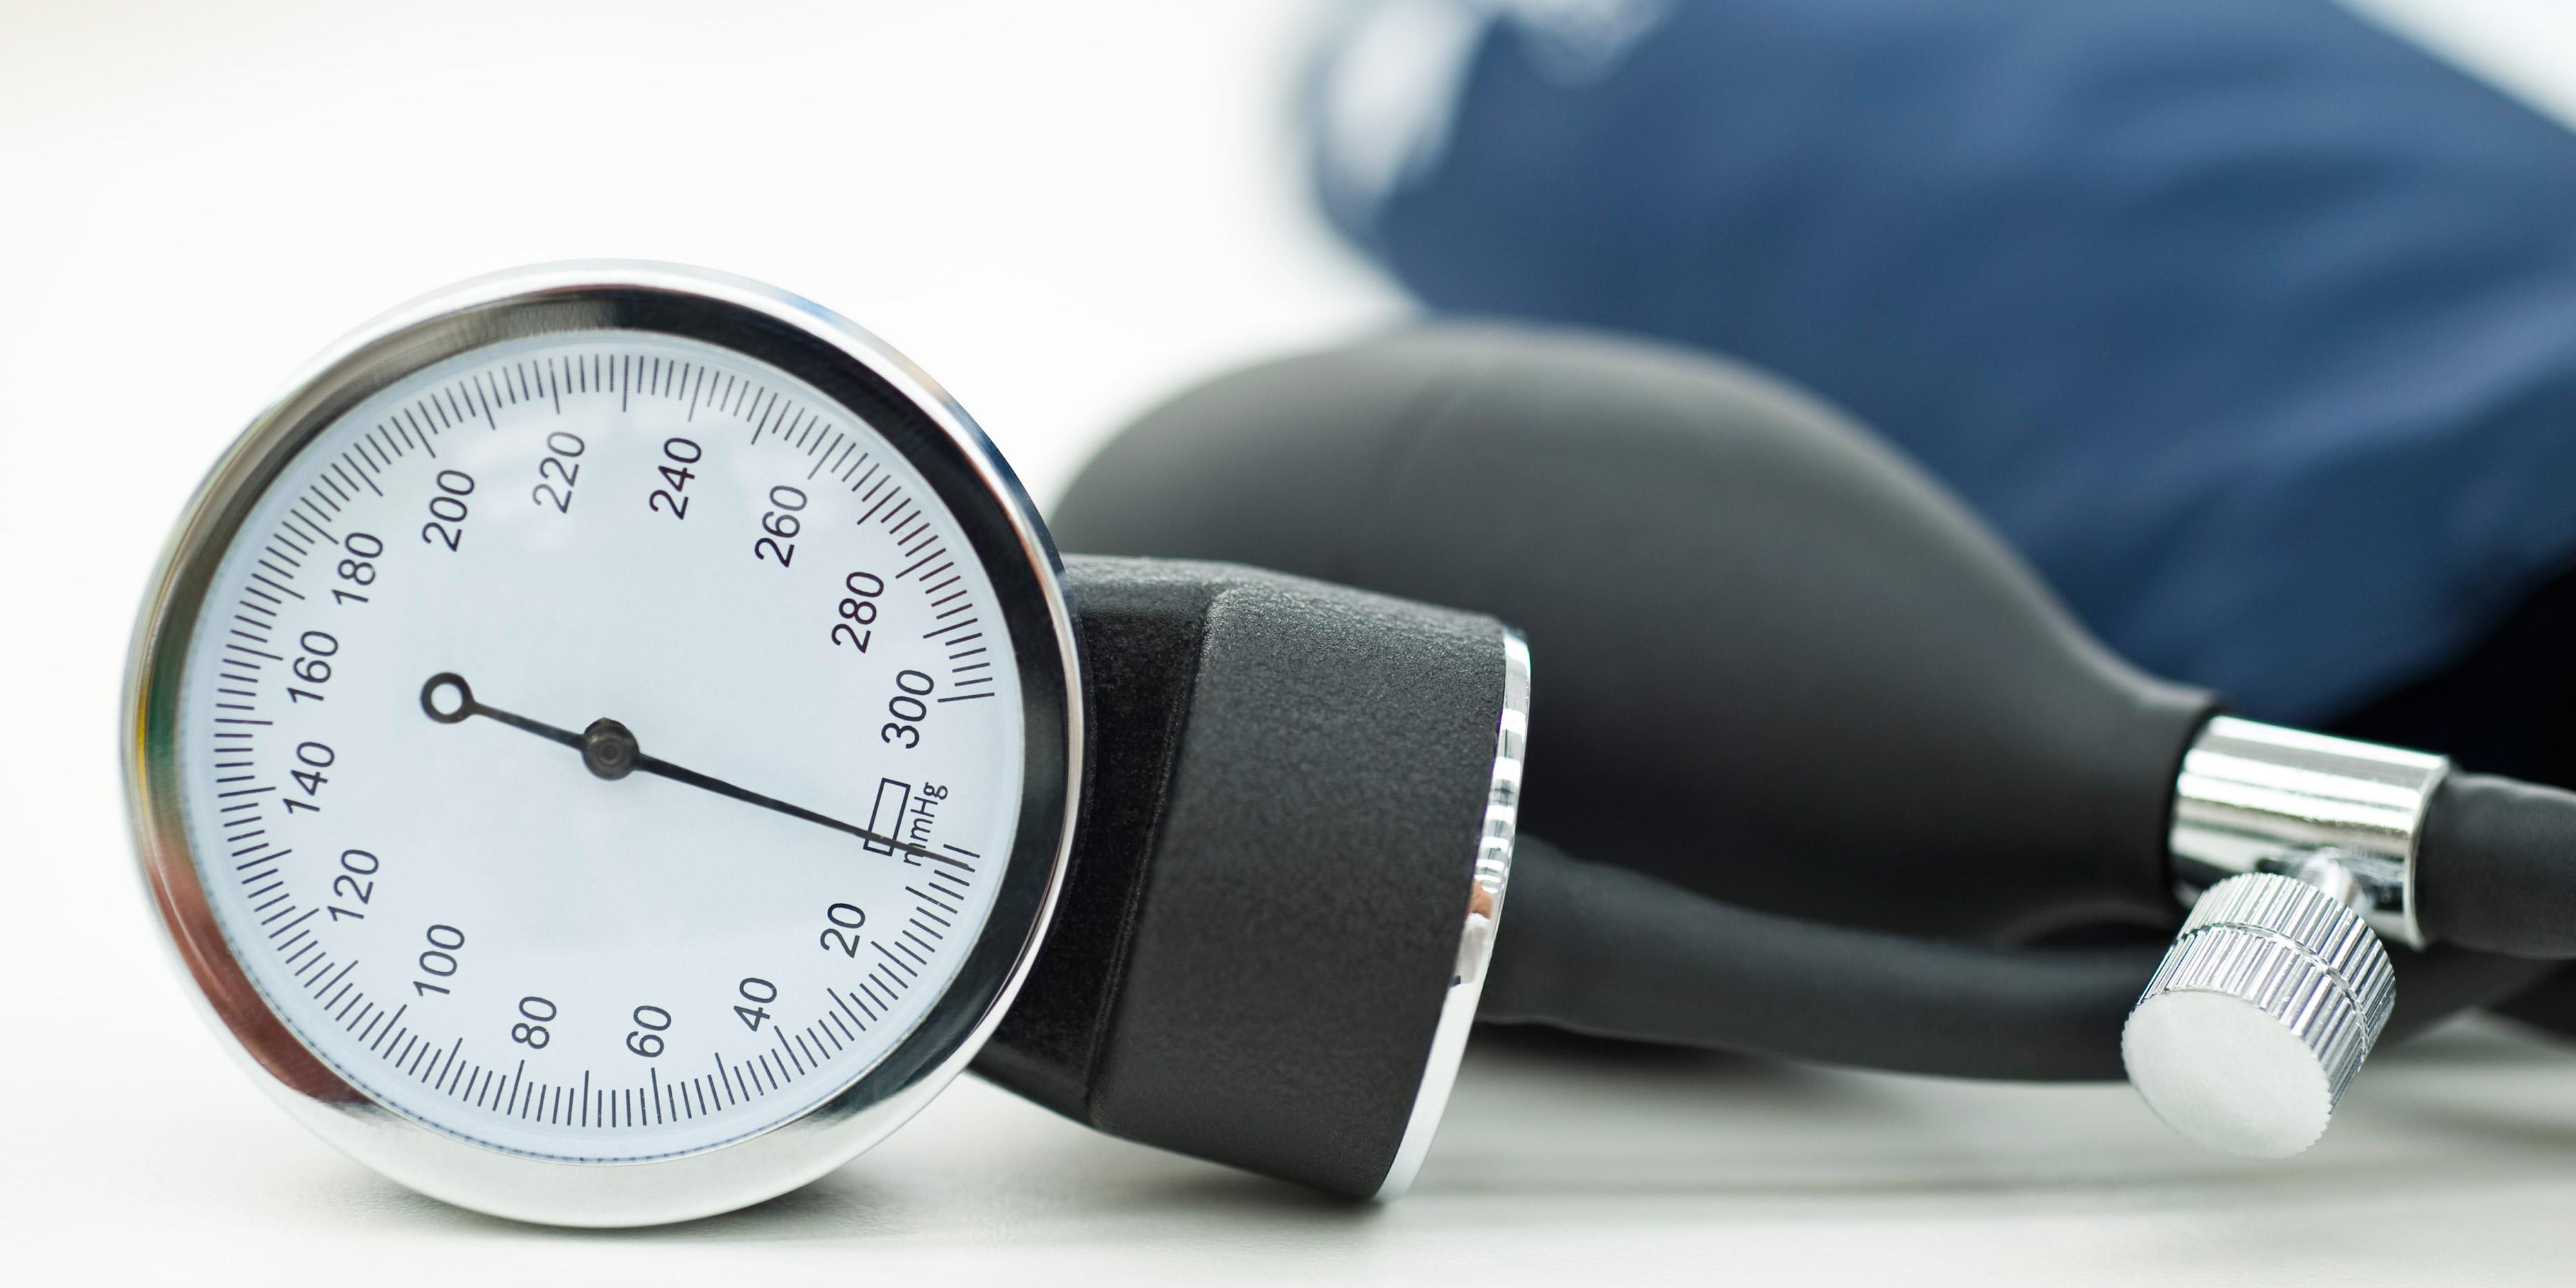 Időseknél nem biztos, hogy a nagyon alacsony vérnyomás a jó